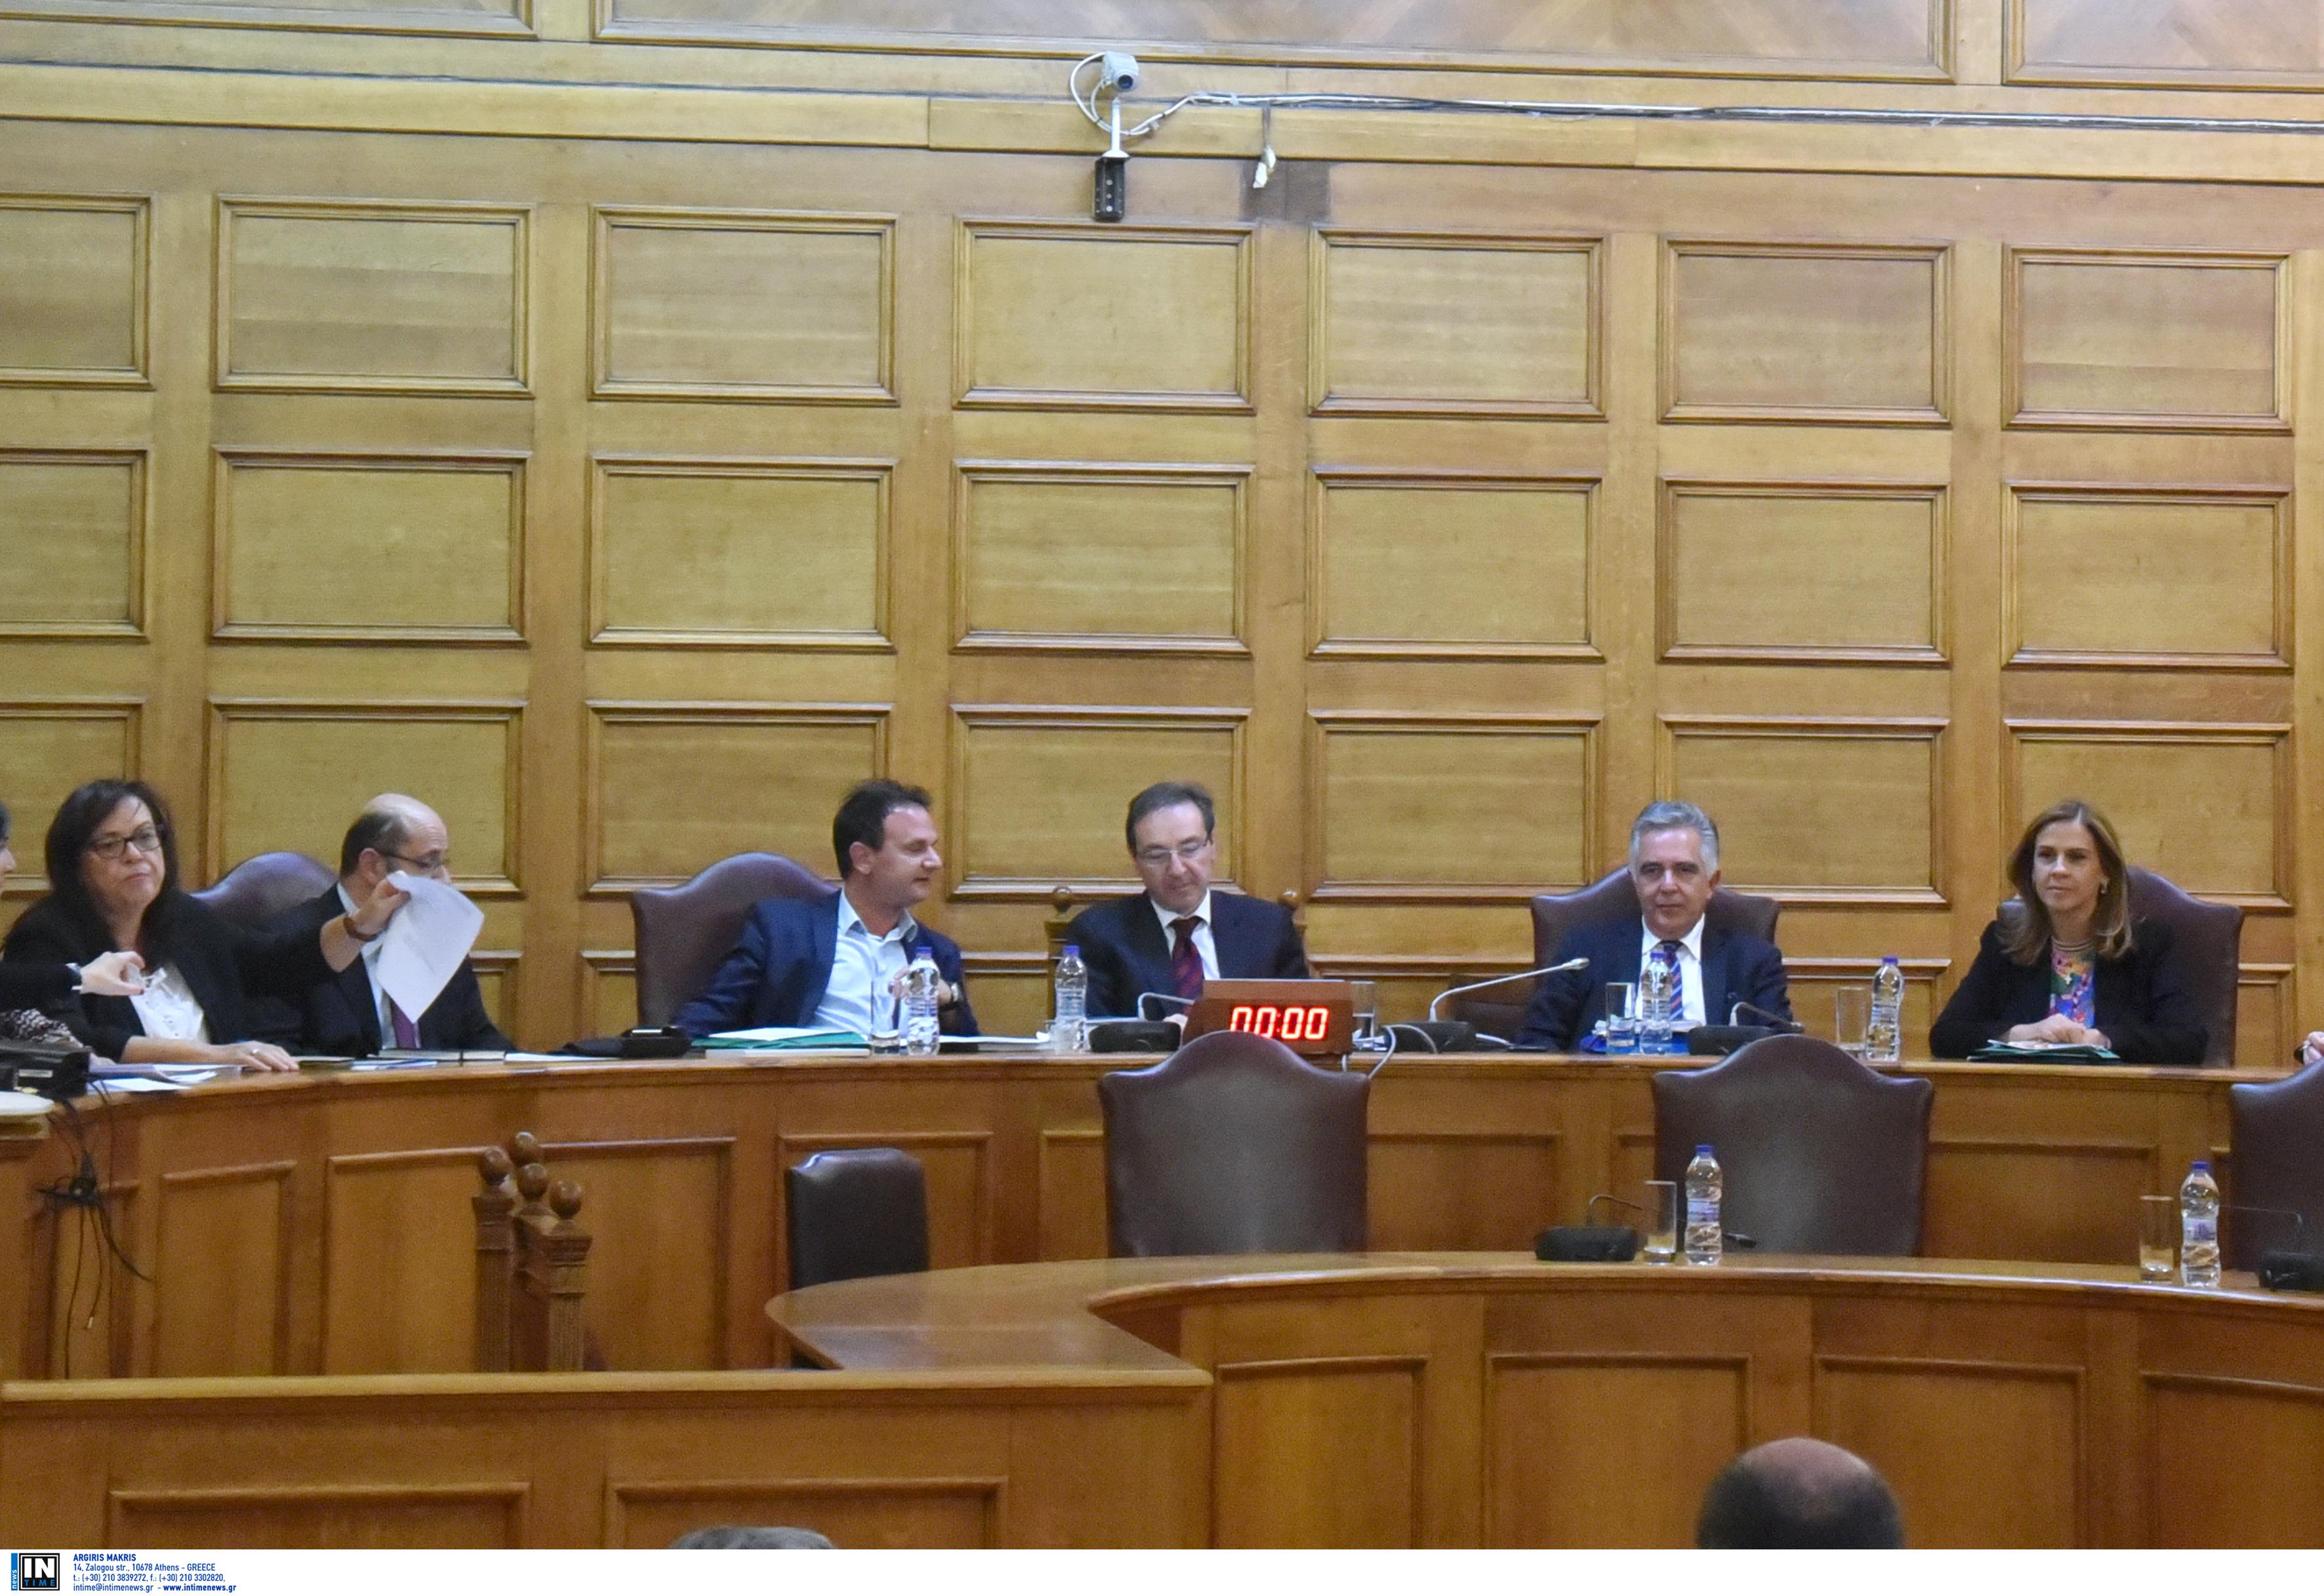 Επιστολή Τσίπρα σε Τασούλα για Προανακριτική – Στηρίζει Πολάκη – Τζανακόπουλο